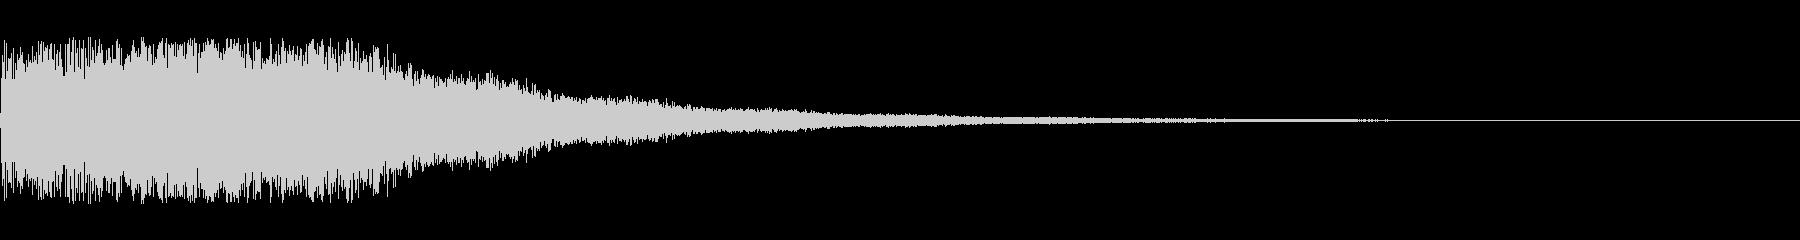 電子音 場面転換2の未再生の波形